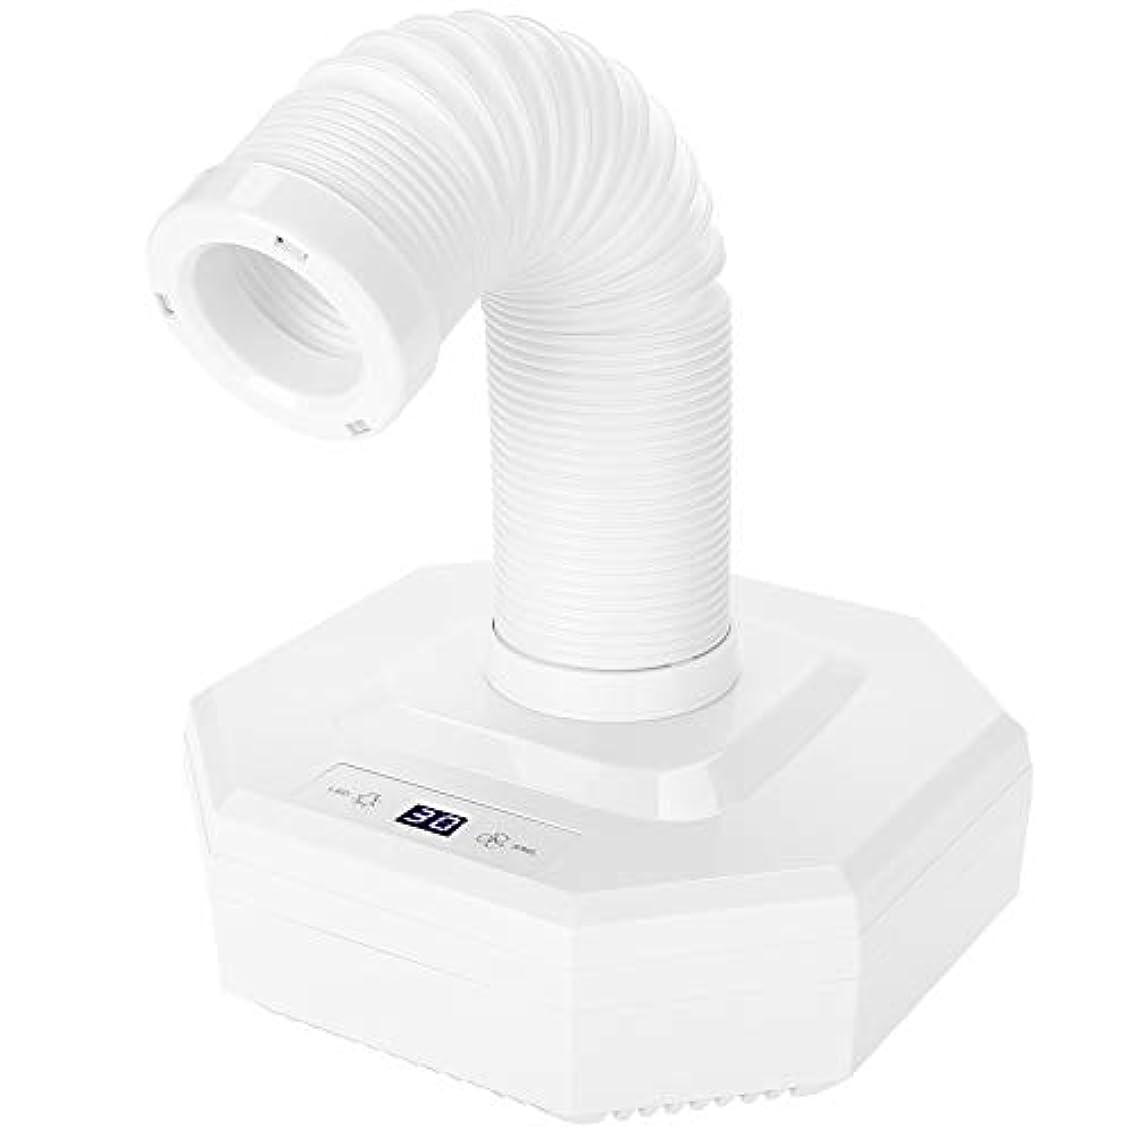 ふける上昇毛布ネイル集塵機、60ワット強力なパワーマニキュア吸引掃除機用サロンuvジェルアクリルアートペディキュアツール(白)